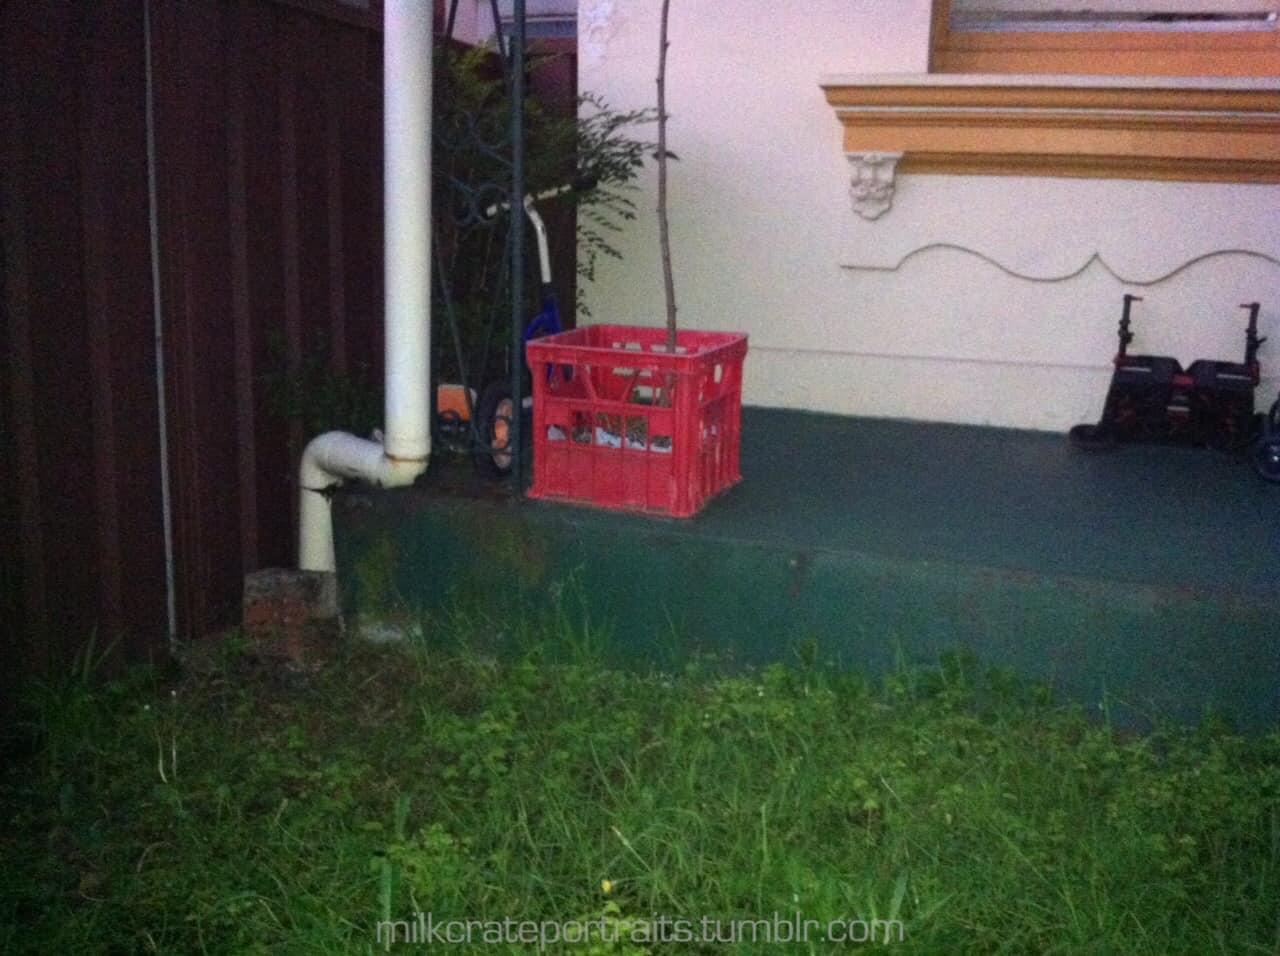 Porch milk crate